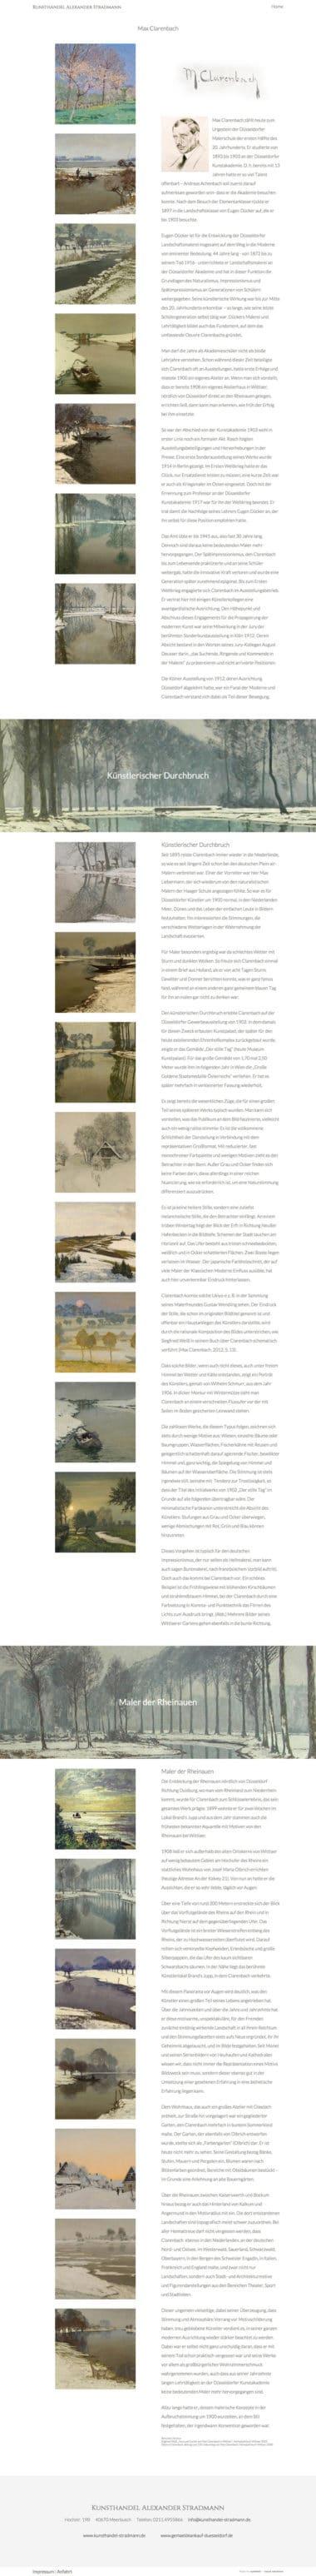 Webdesign für die Kunst - Kunsthandel Alexander Stradmann, Max Clarenbach